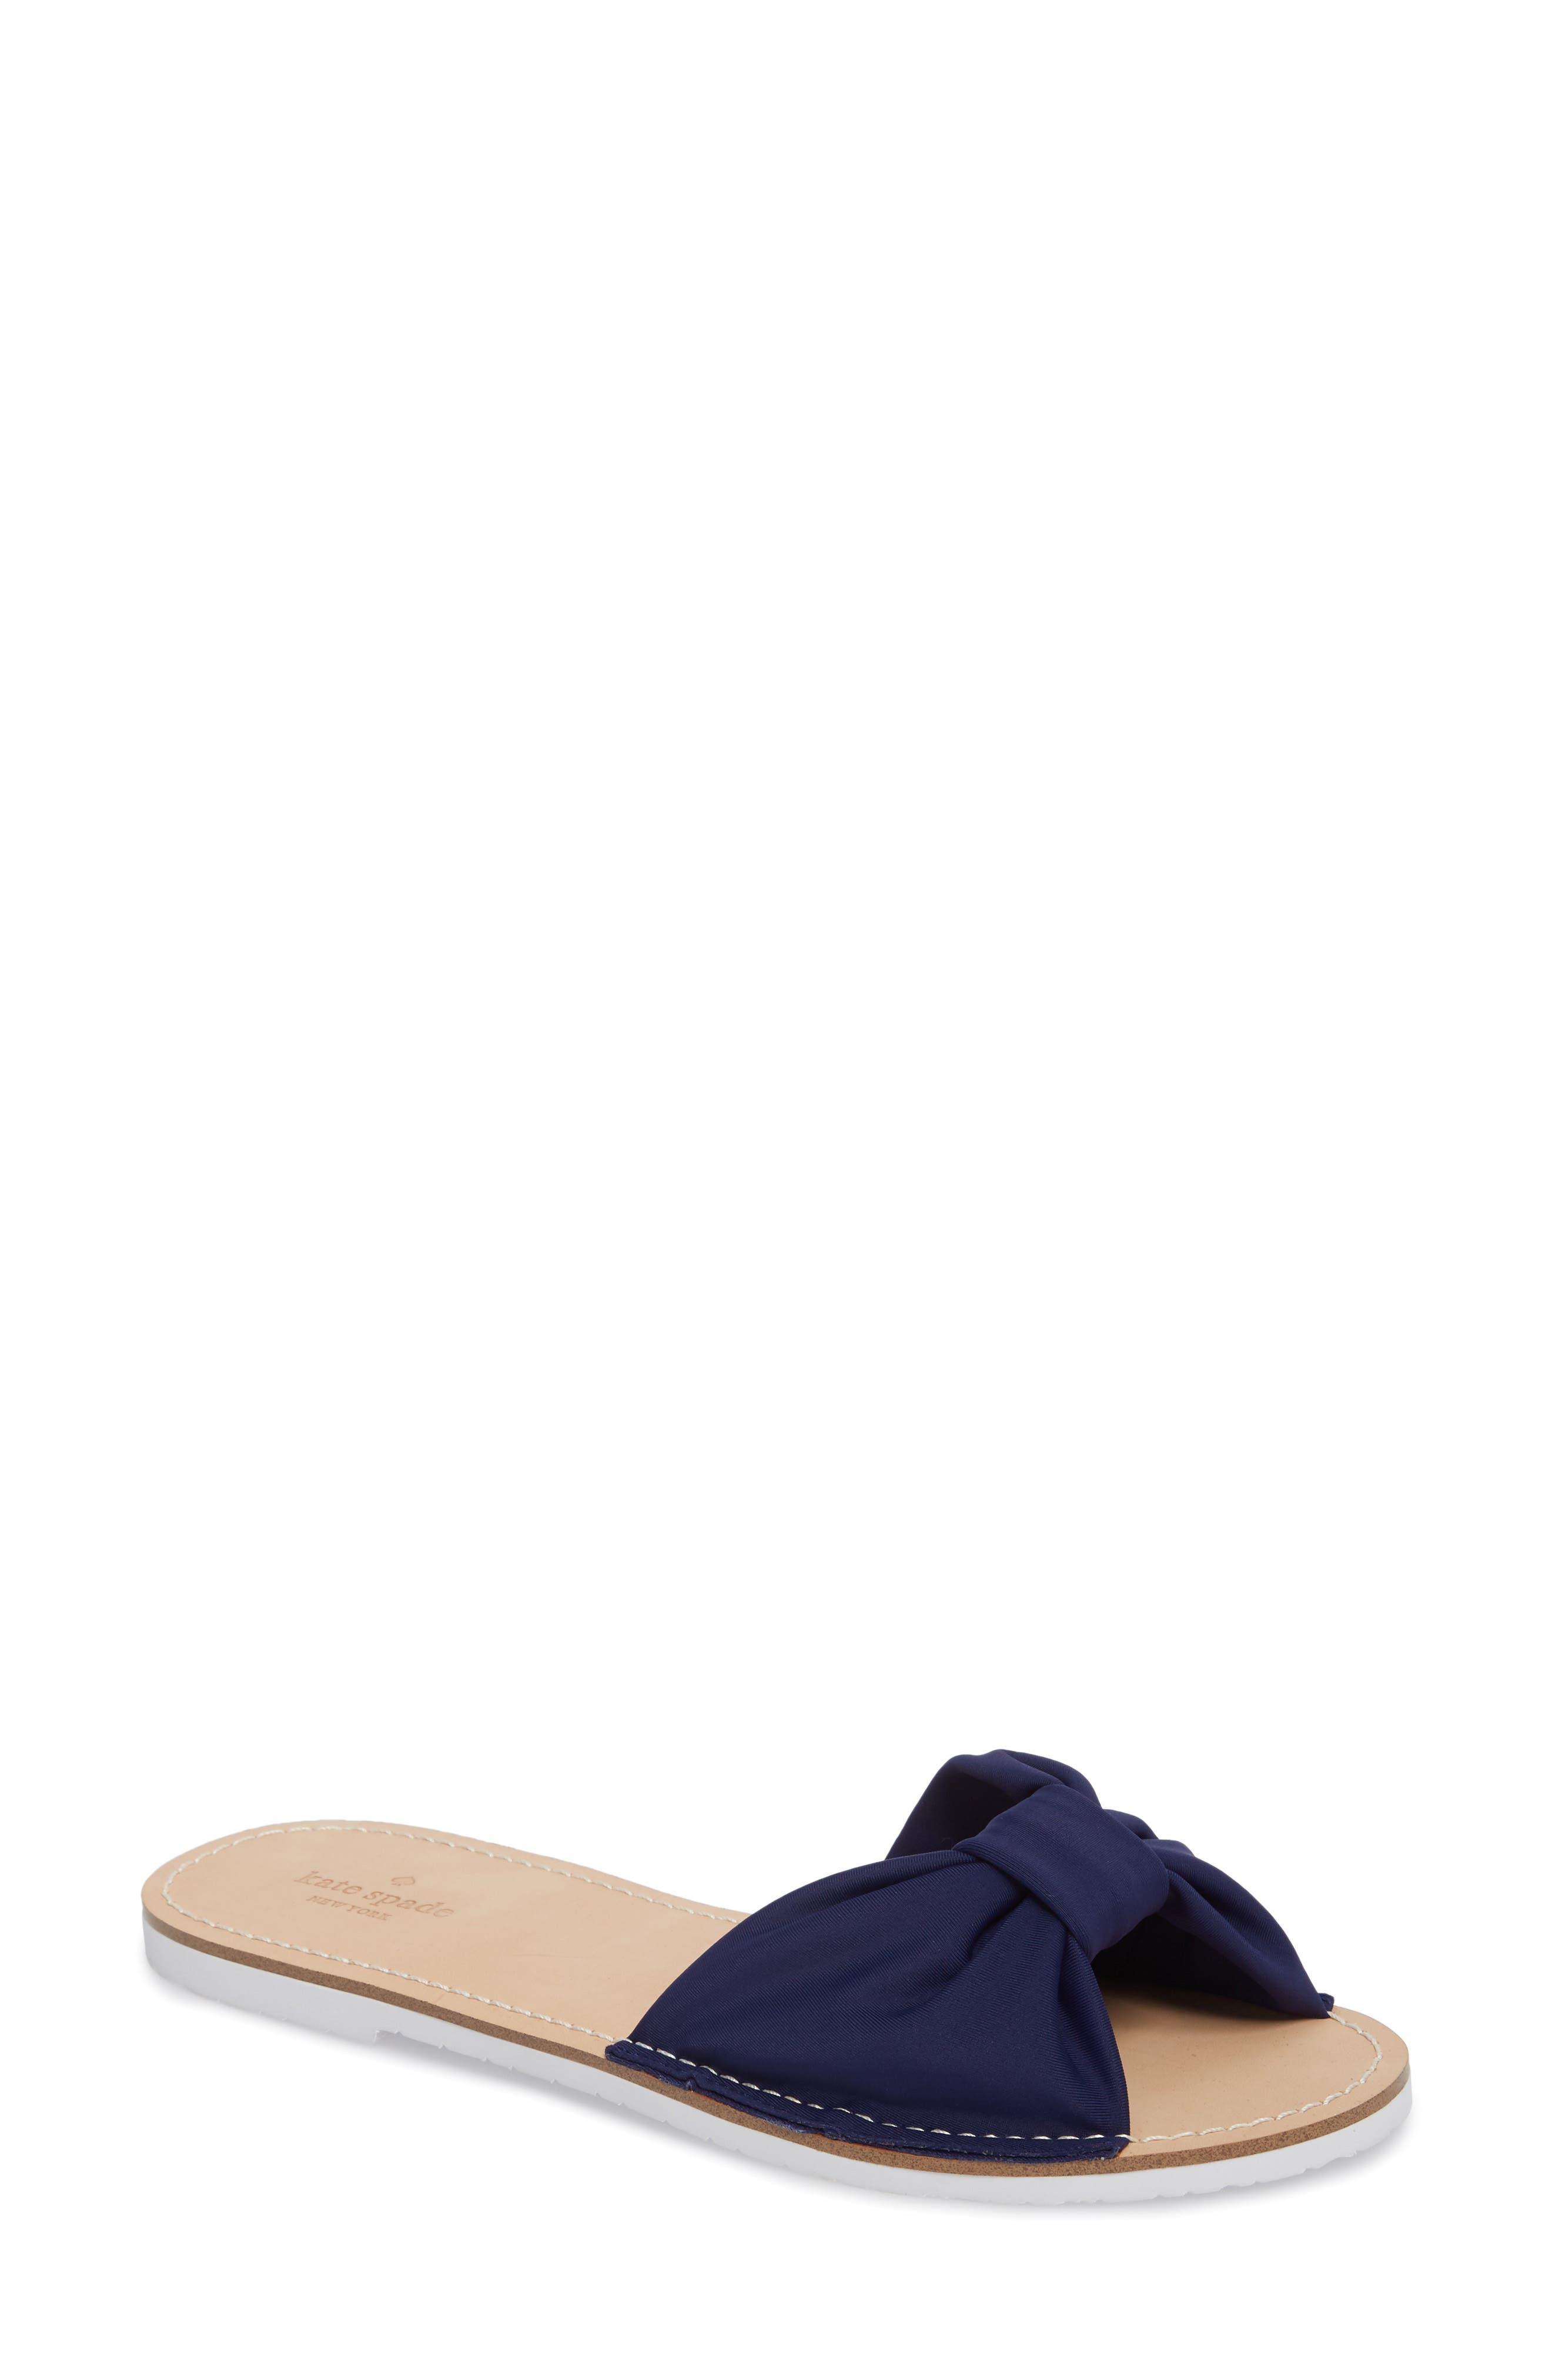 indi slide sandal,                             Main thumbnail 1, color,                             Blue